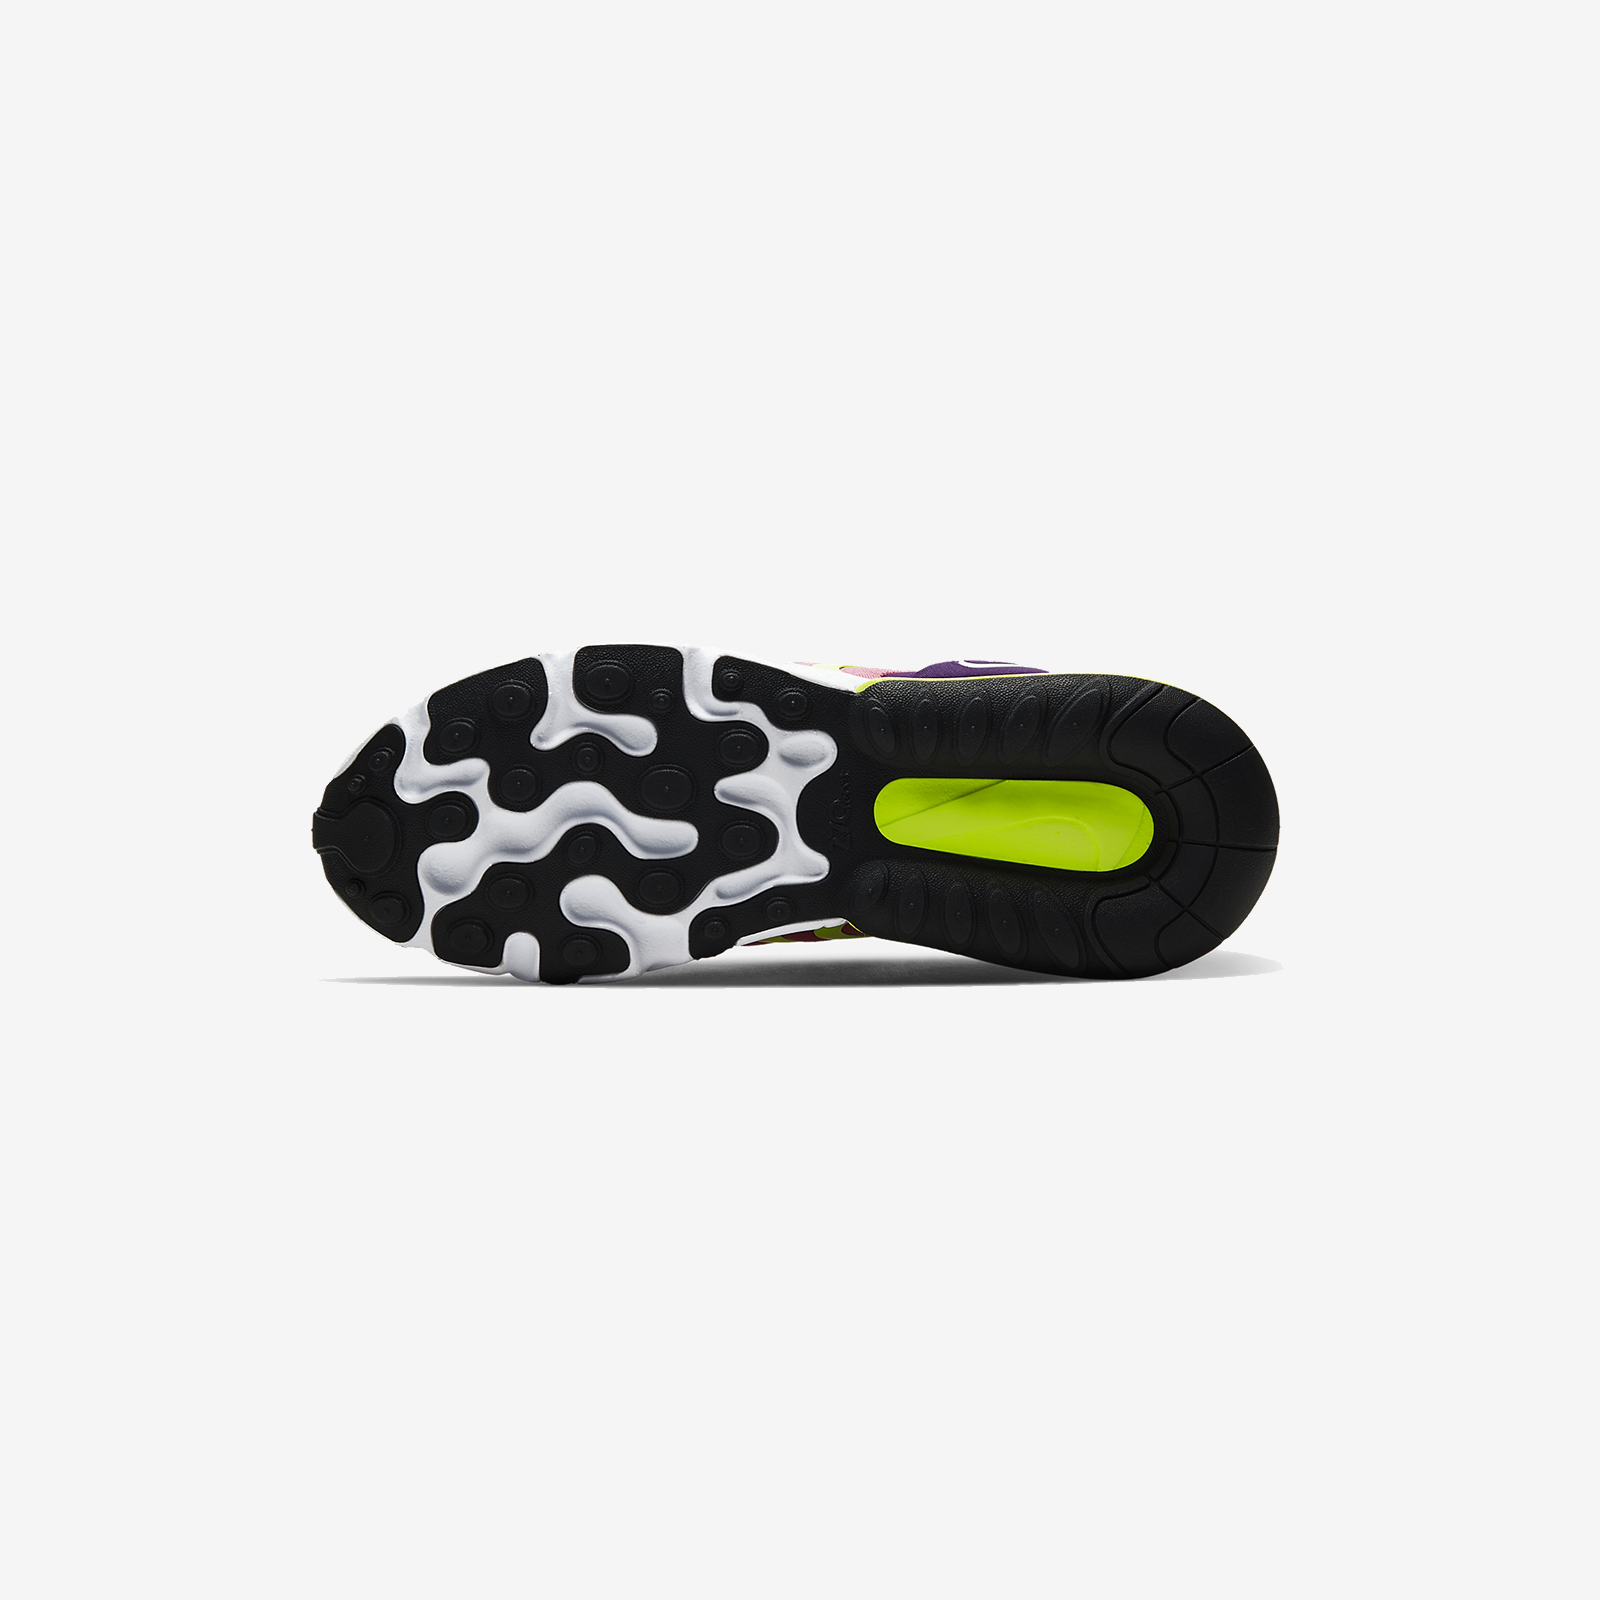 Nike Wmns Air Max 270 React Eng Ck2595 500 Sneakersnstuff